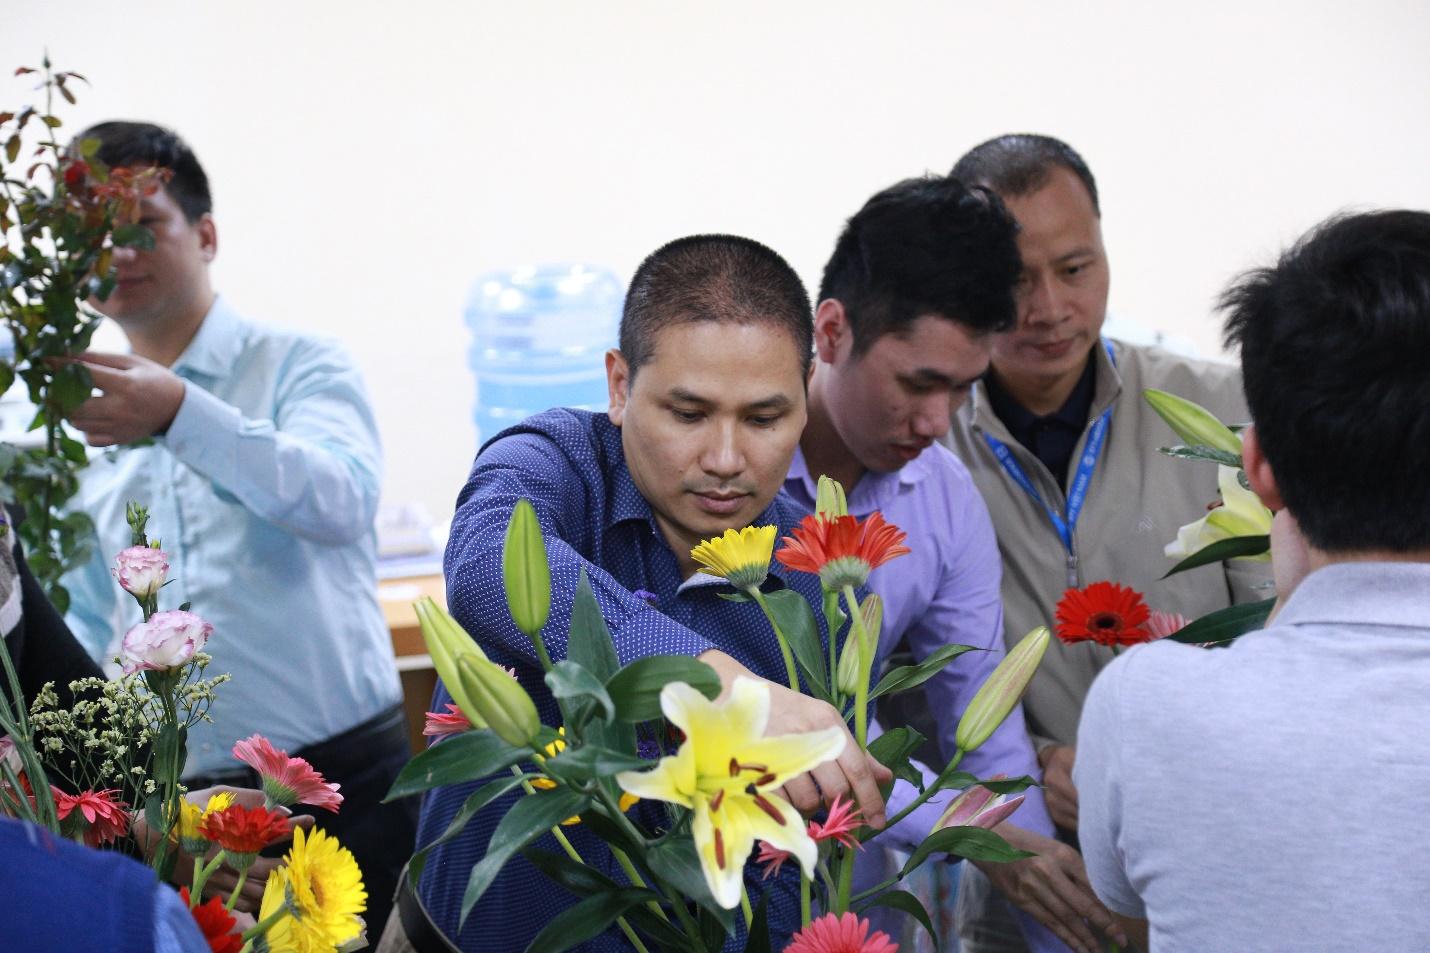 EFY Việt Nam tổ chức hoạt động chào mừng ngày quốc tế phụ nữ 8/3 ảnh 3